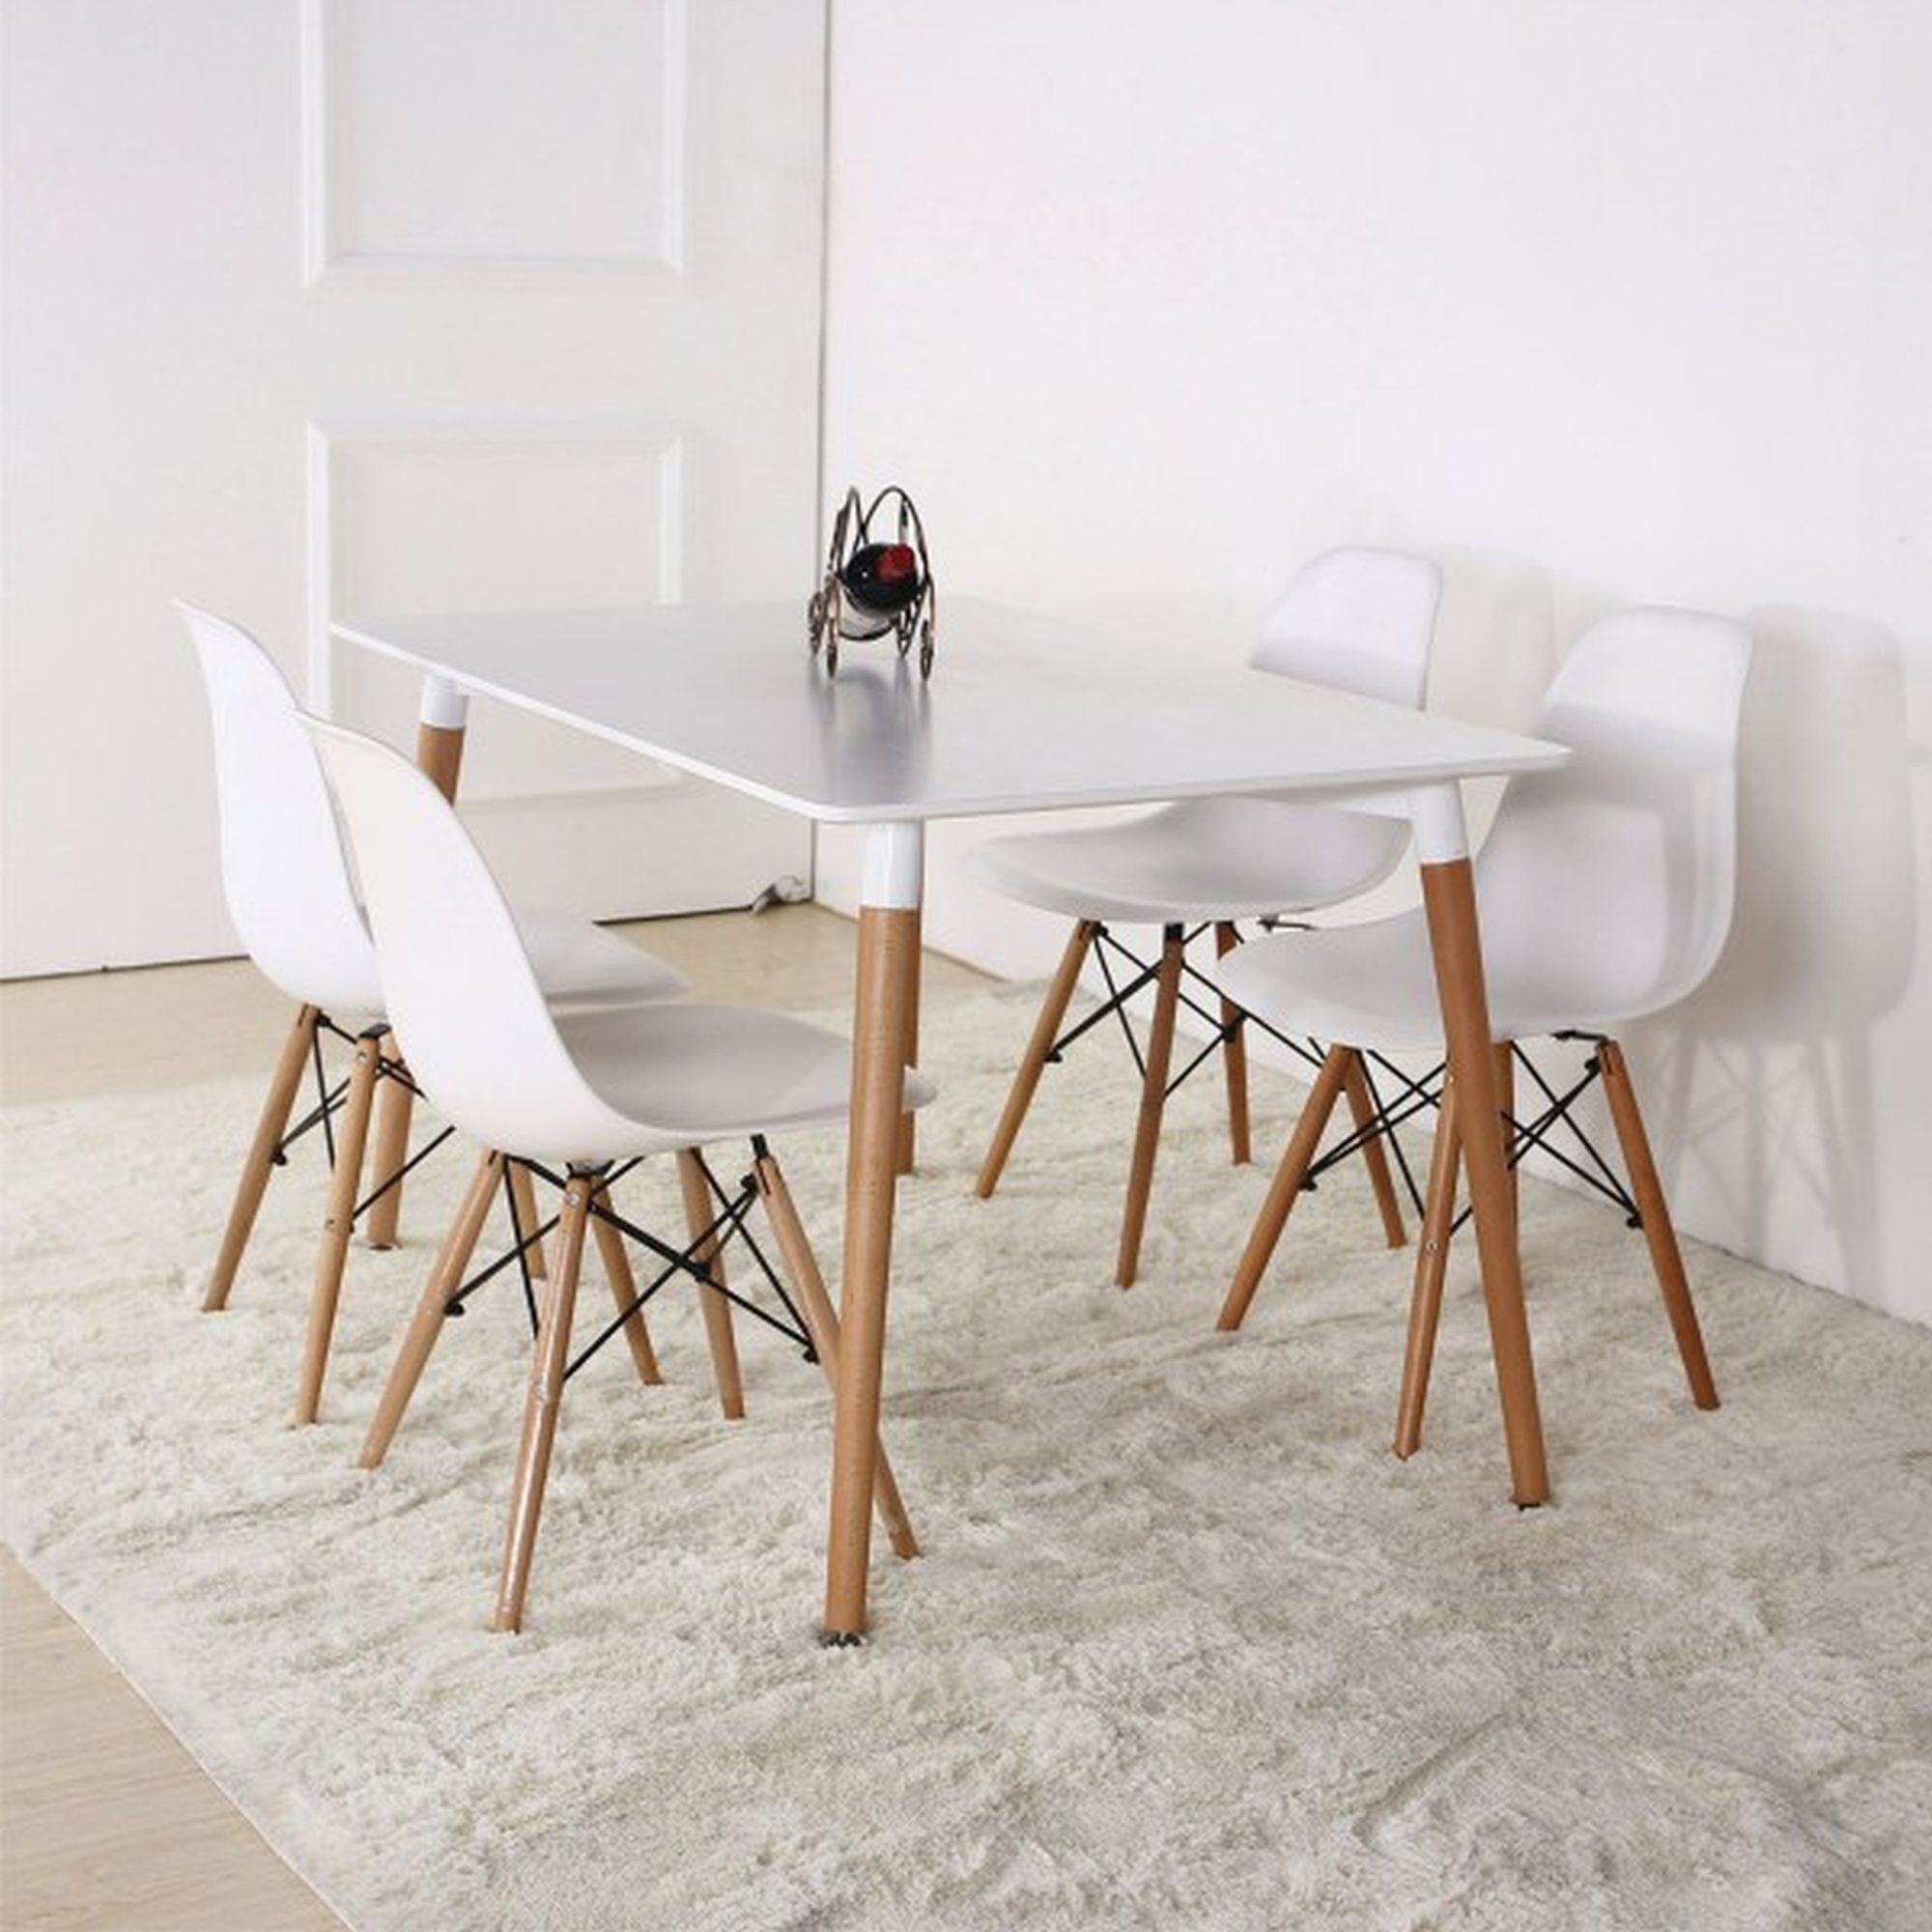 Sillatea ya conoces el sitio de moda en mobiliario on line - Mobiliario on line ...